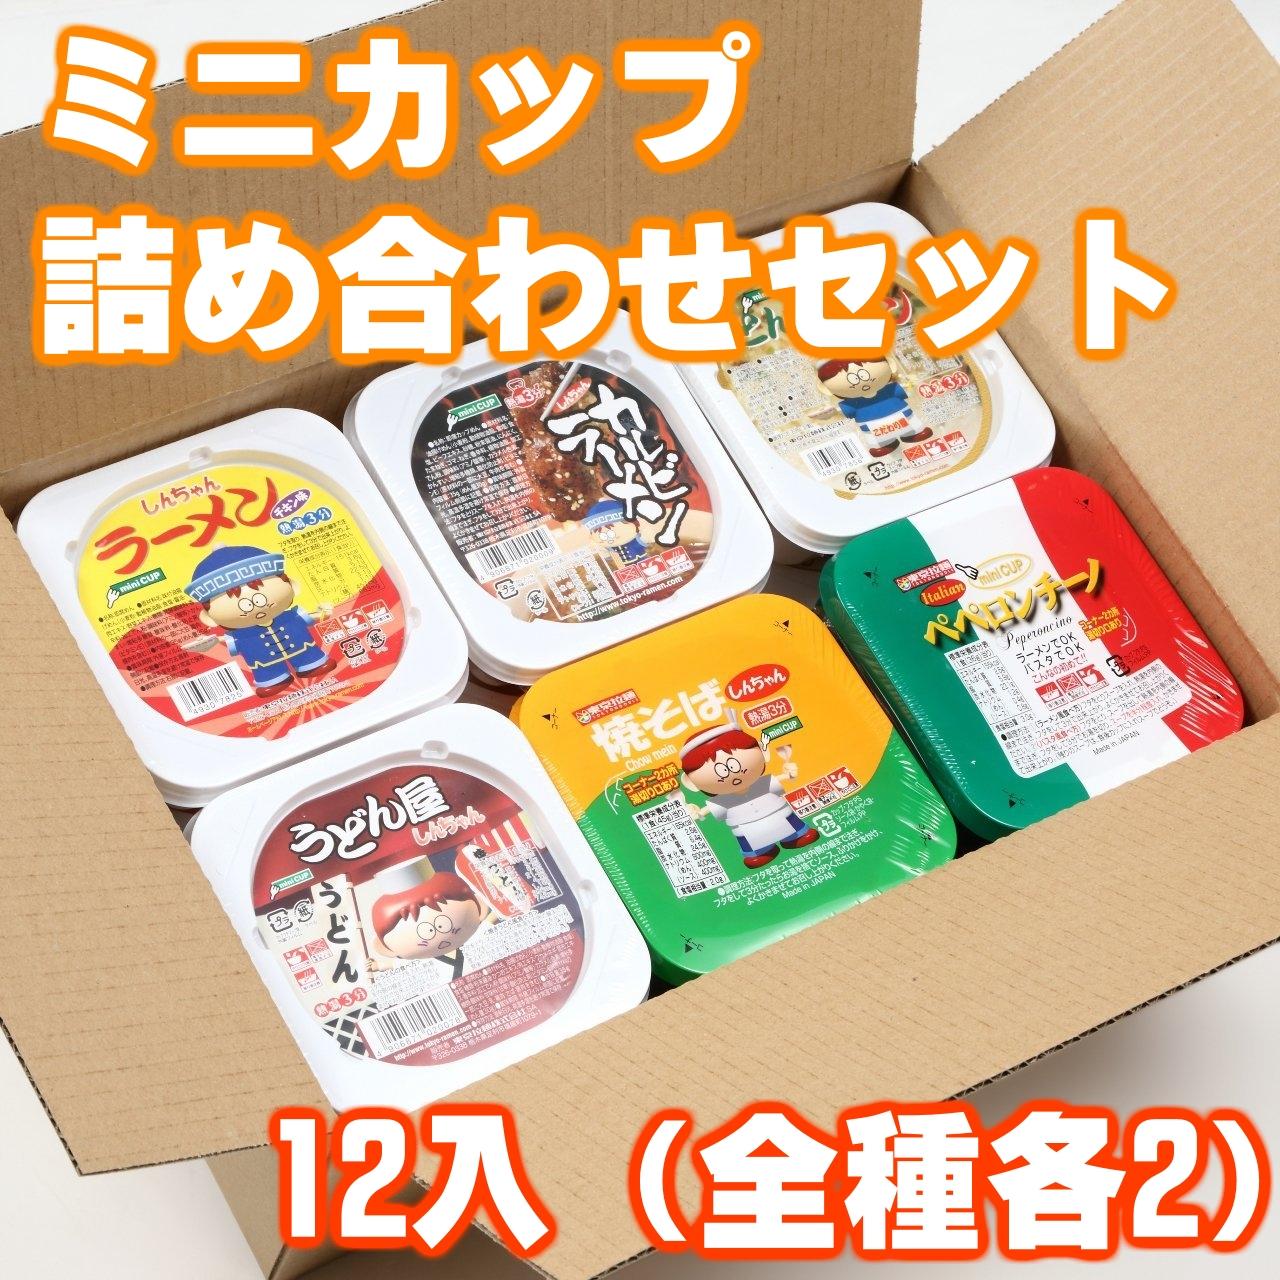 ミニカップ詰め合わせセット12入(全種各2)